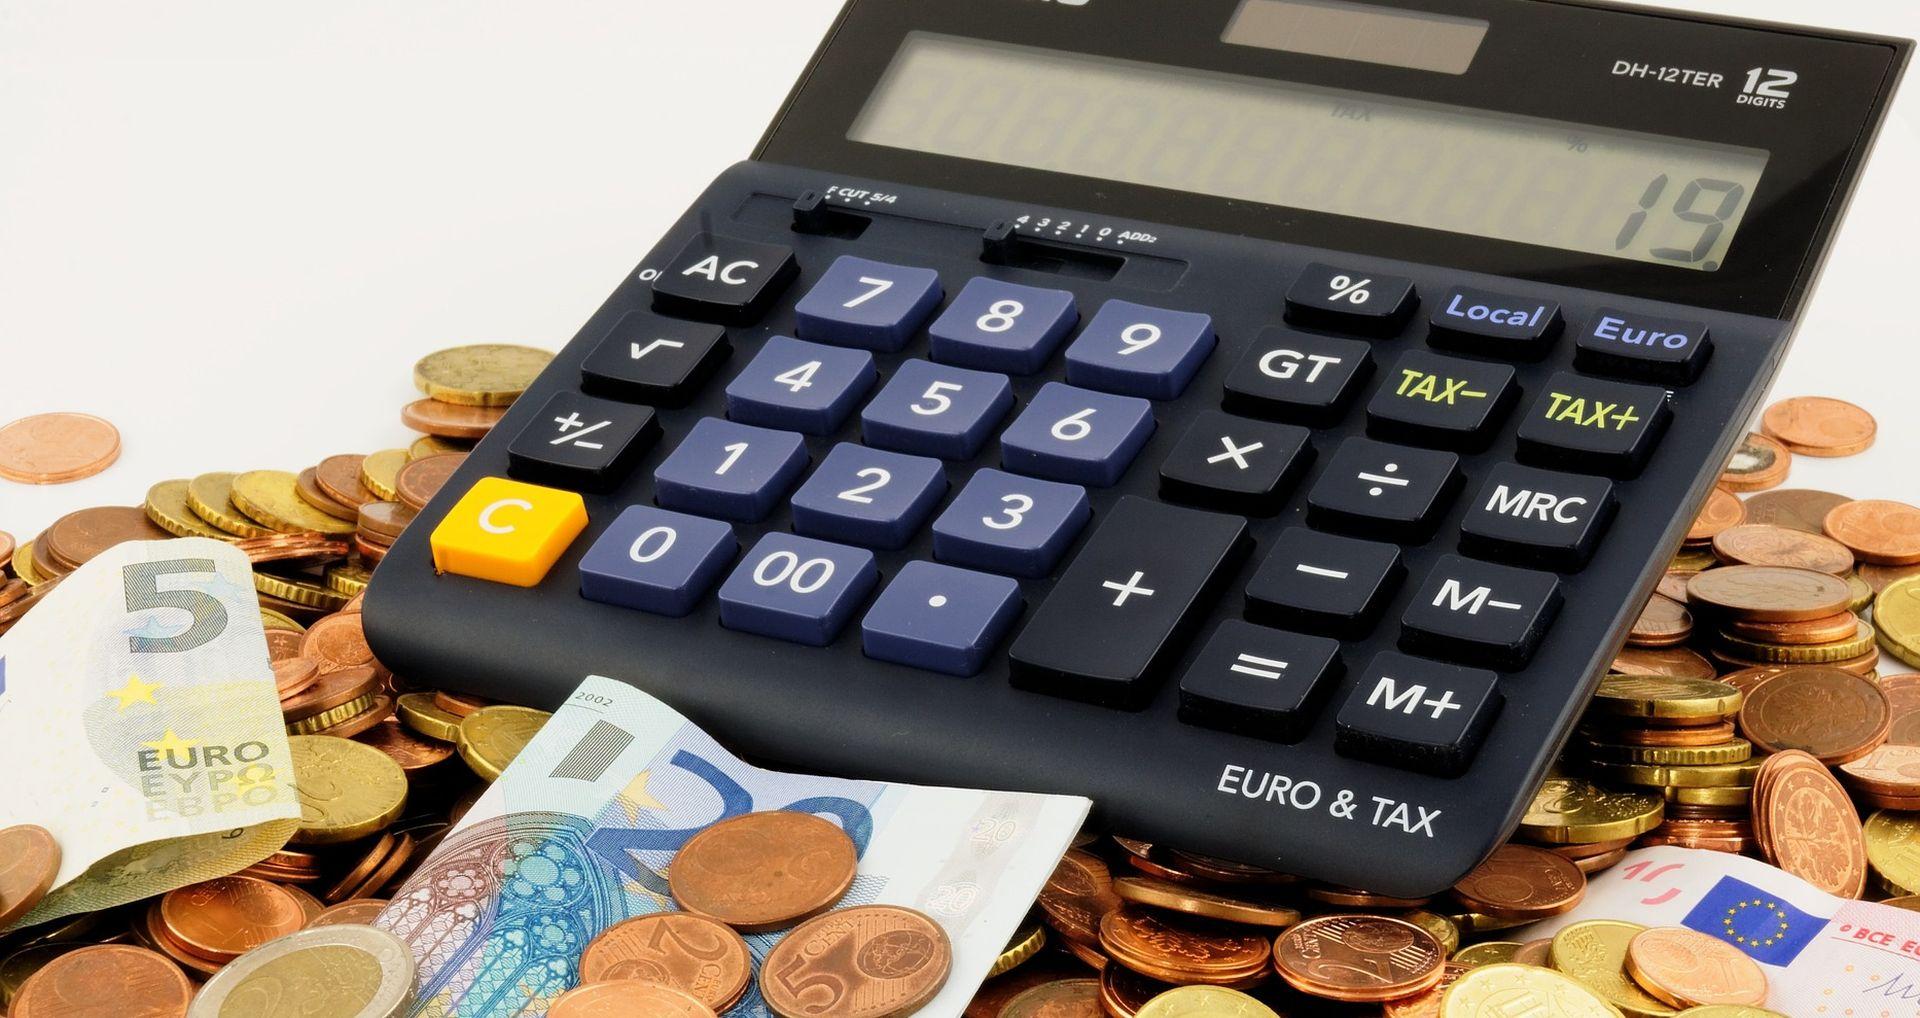 MUP: Oštetili trgovačka društva za najmanje 45 milijuna kuna